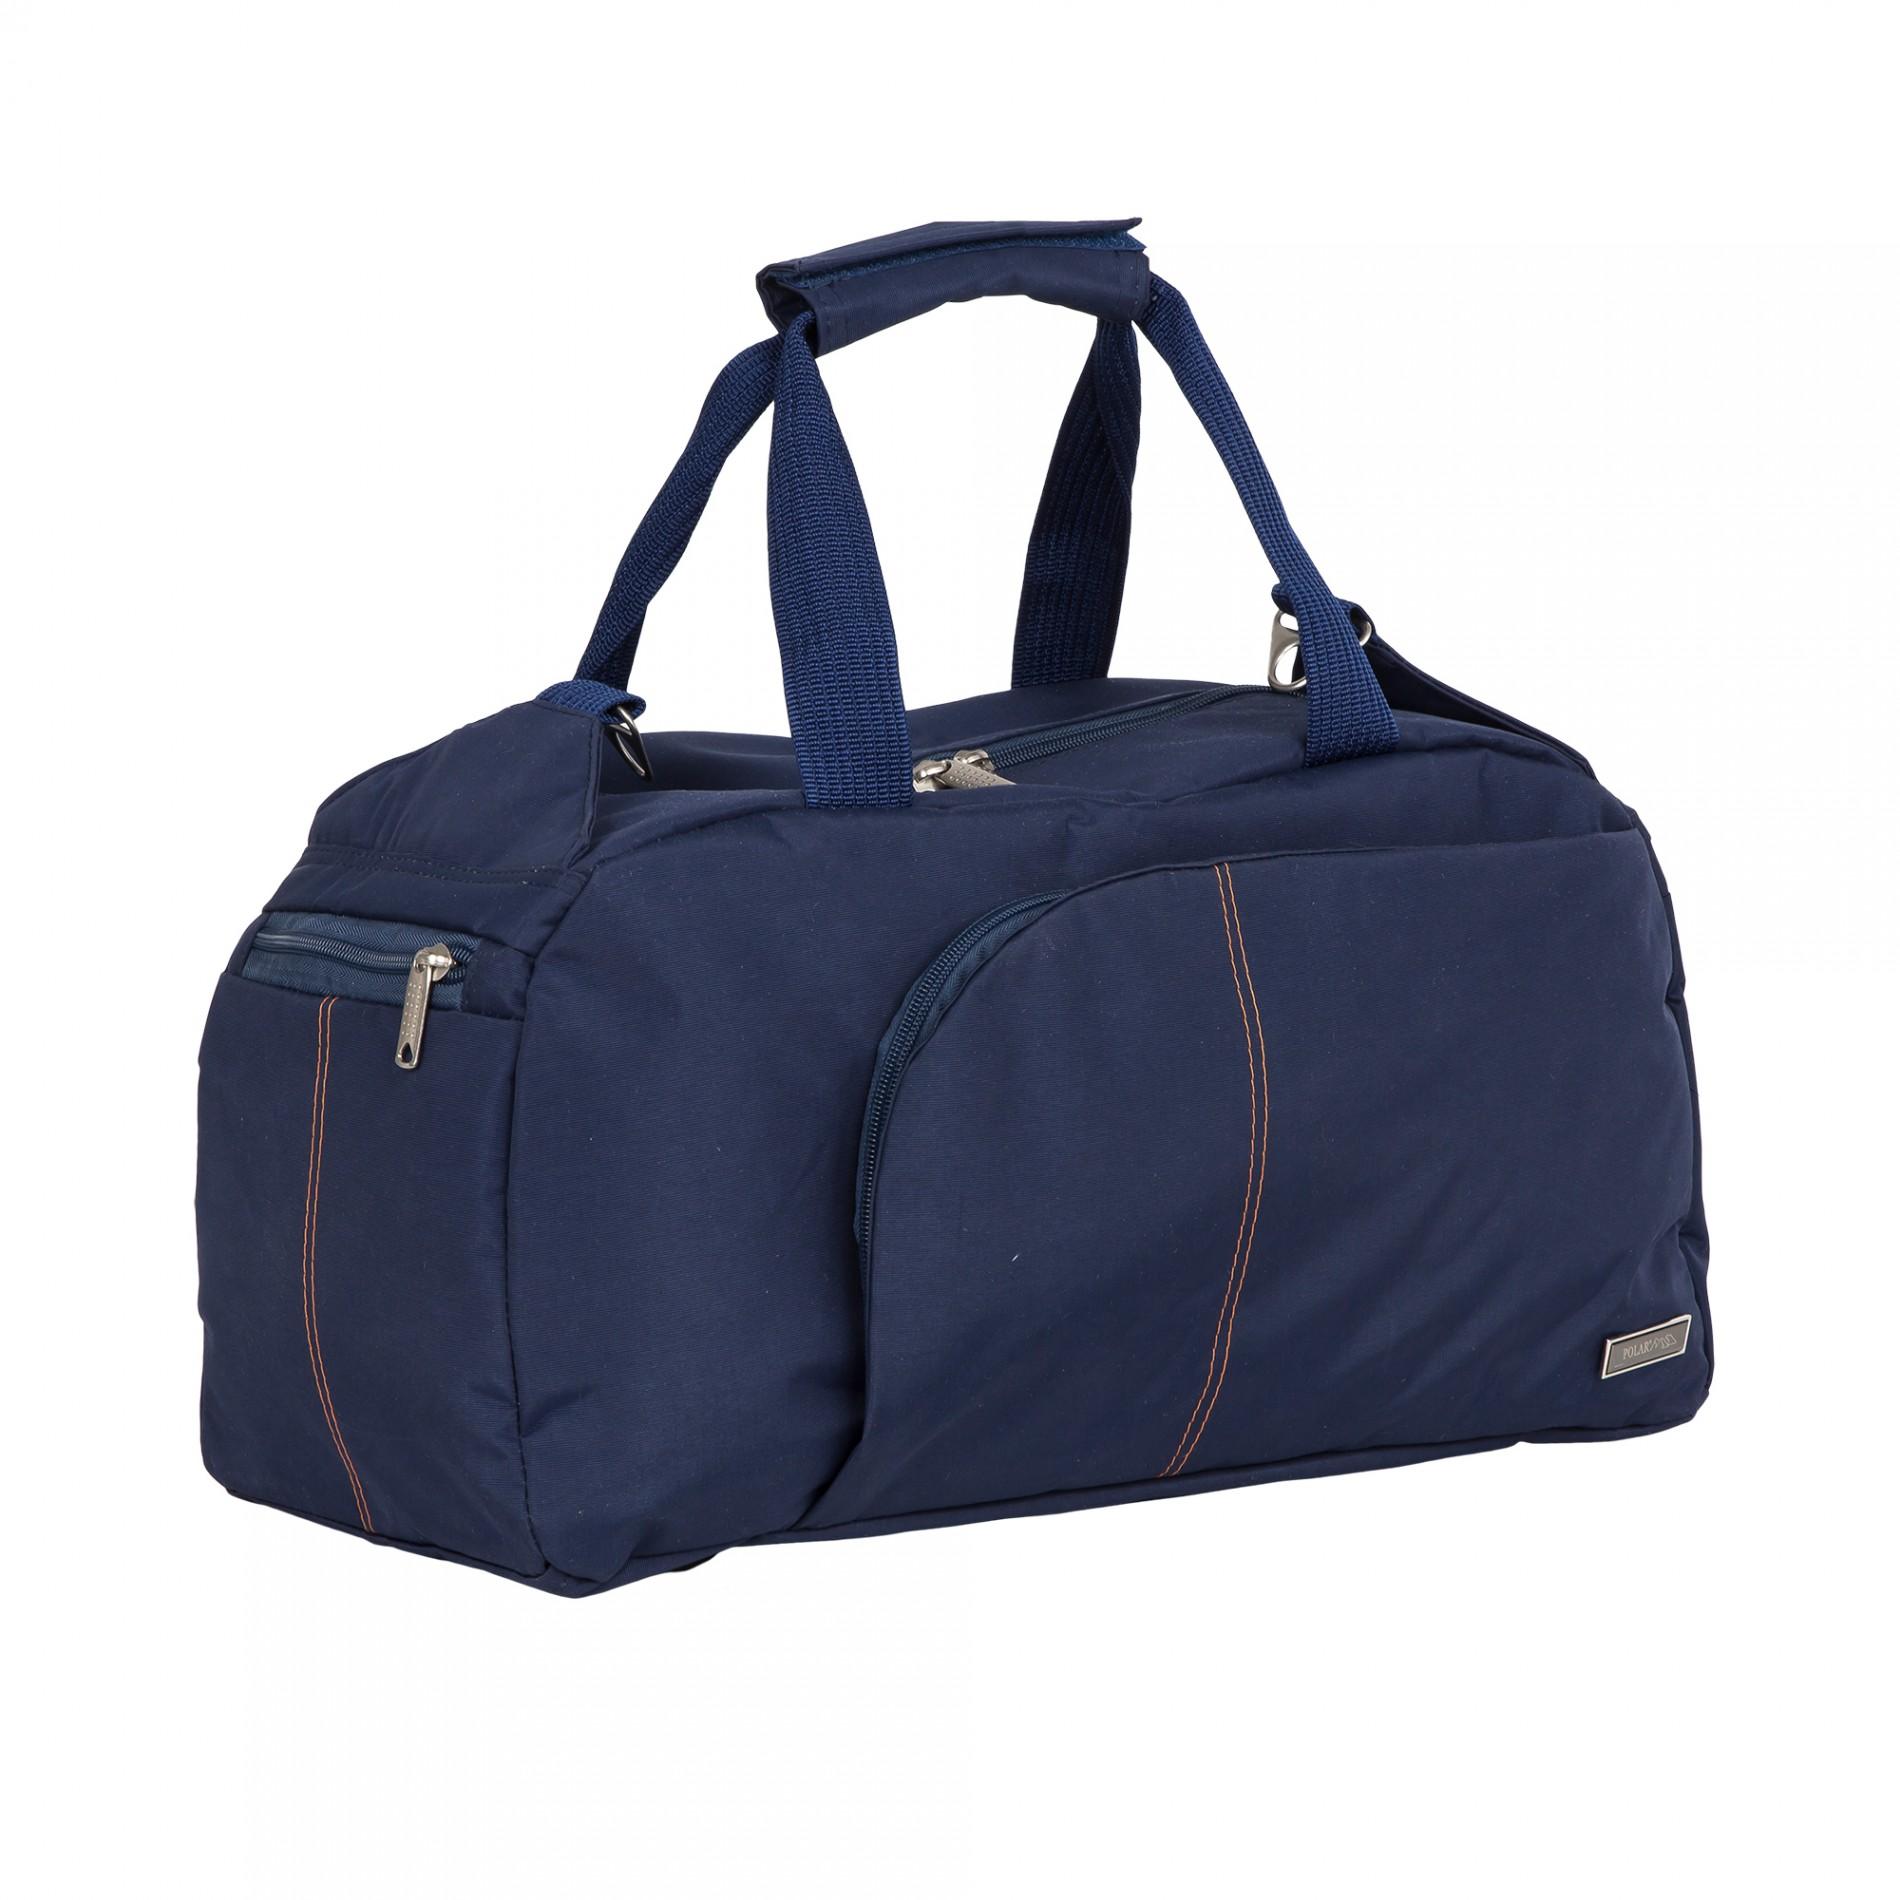 963ded08 Спортивная сумка Polar П7072 синий купить недорого